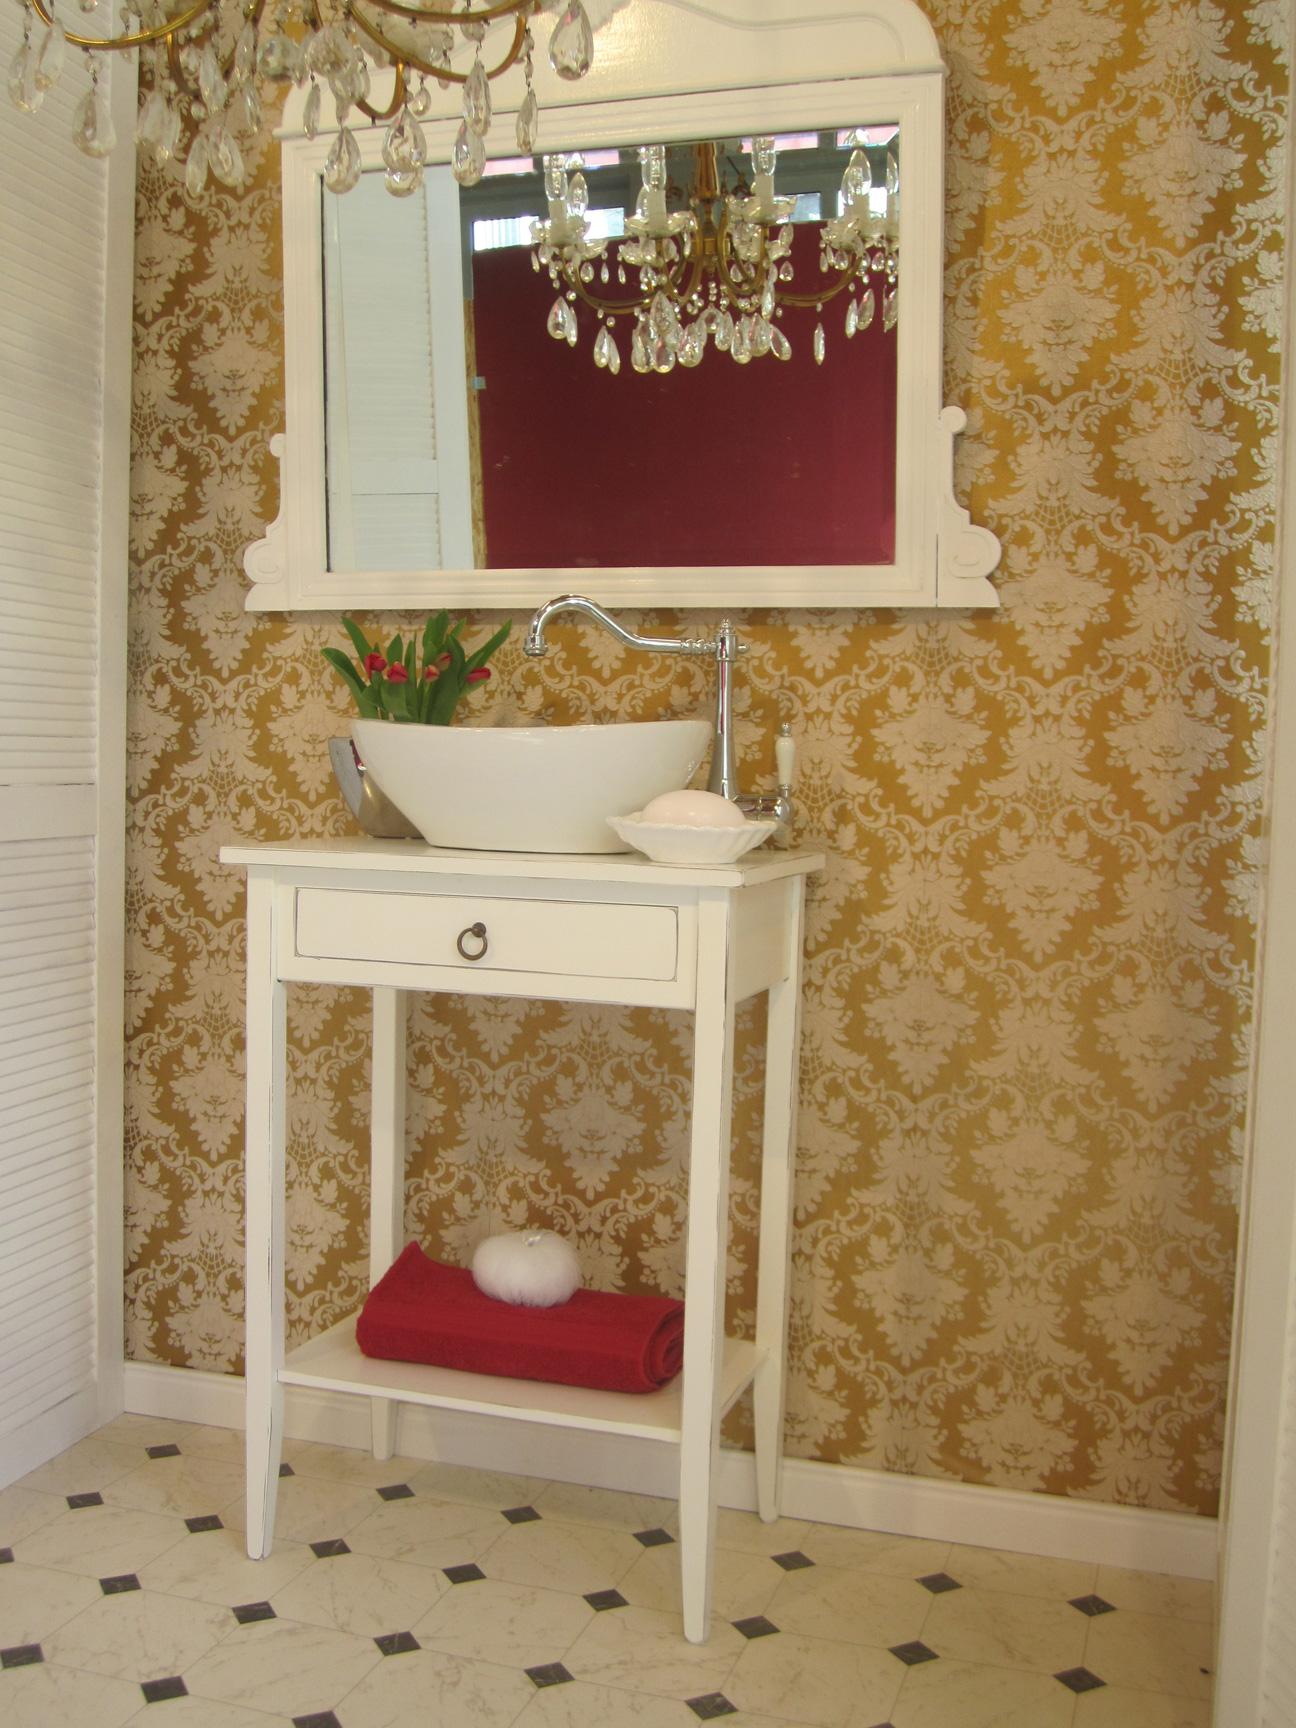 badm bel landhaus schaffen harmonie wasserheimat. Black Bedroom Furniture Sets. Home Design Ideas